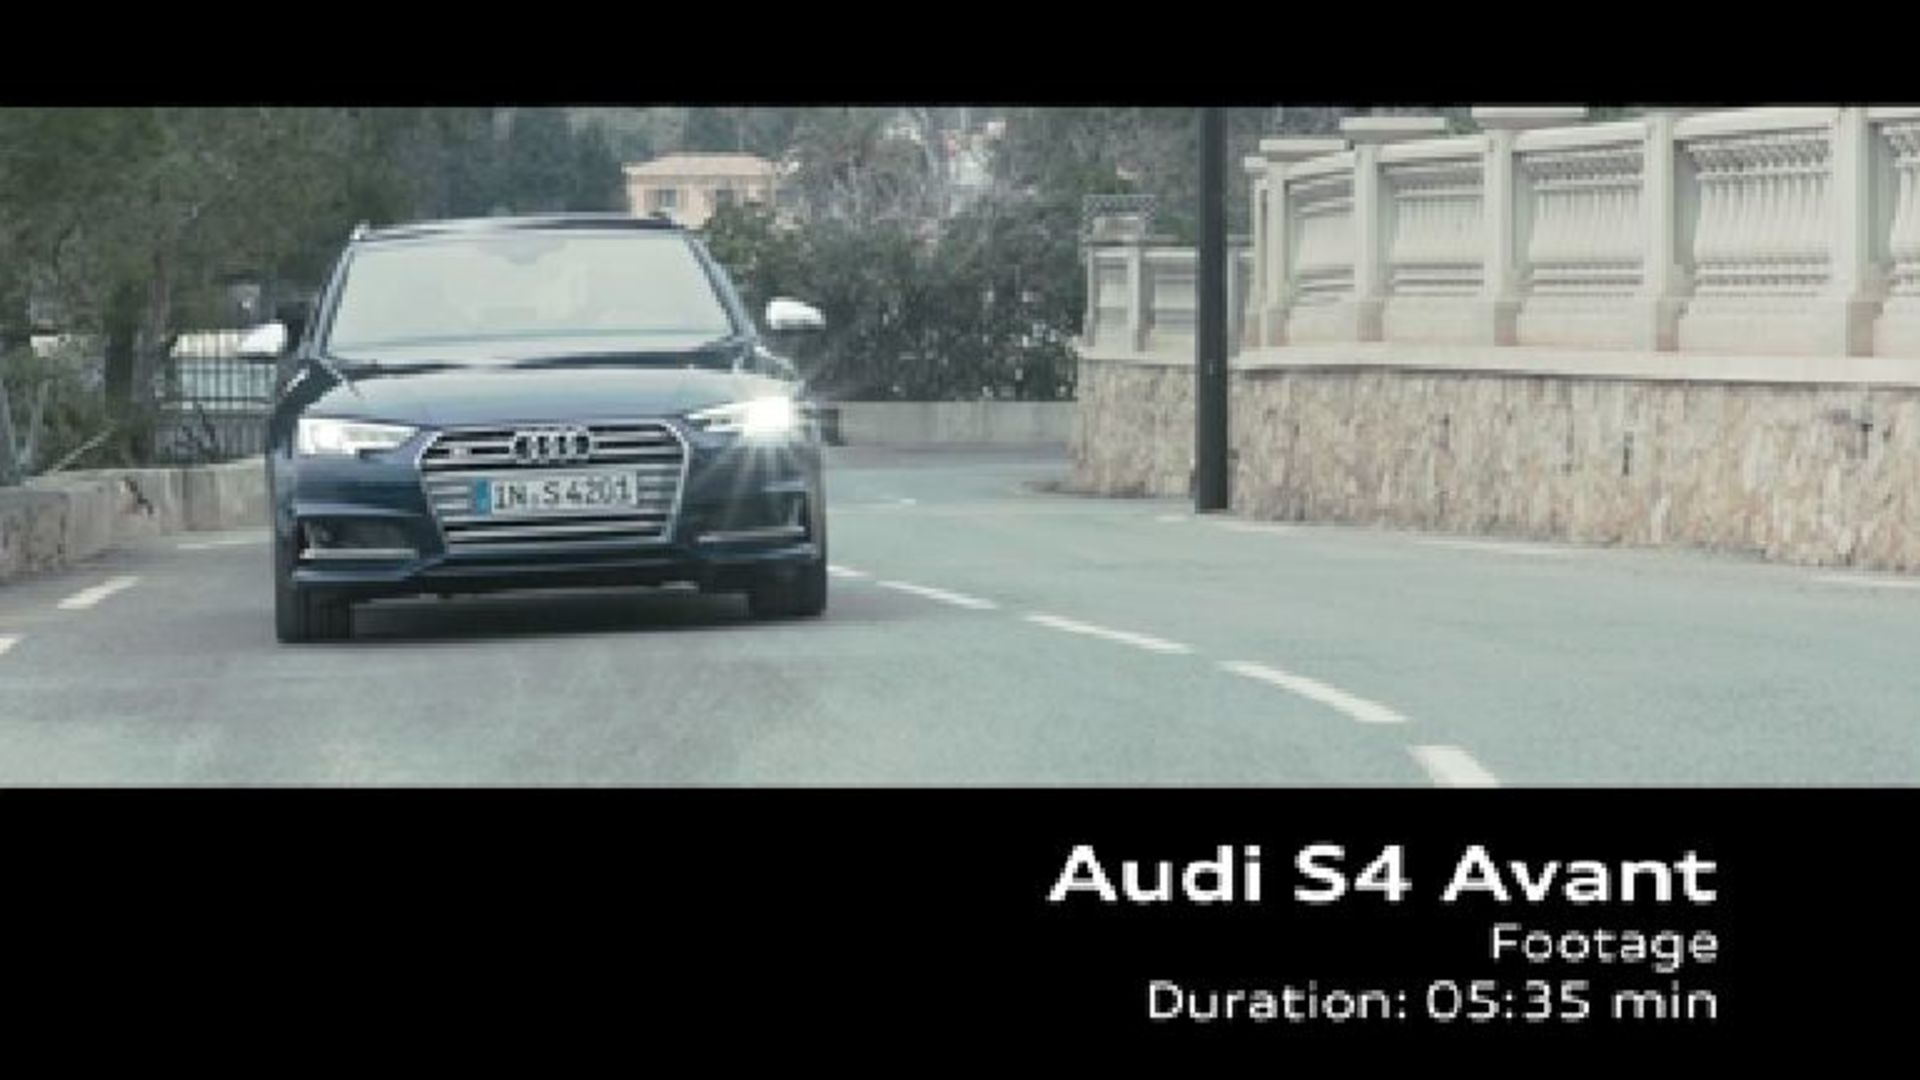 Audi S4 Avant - Footage